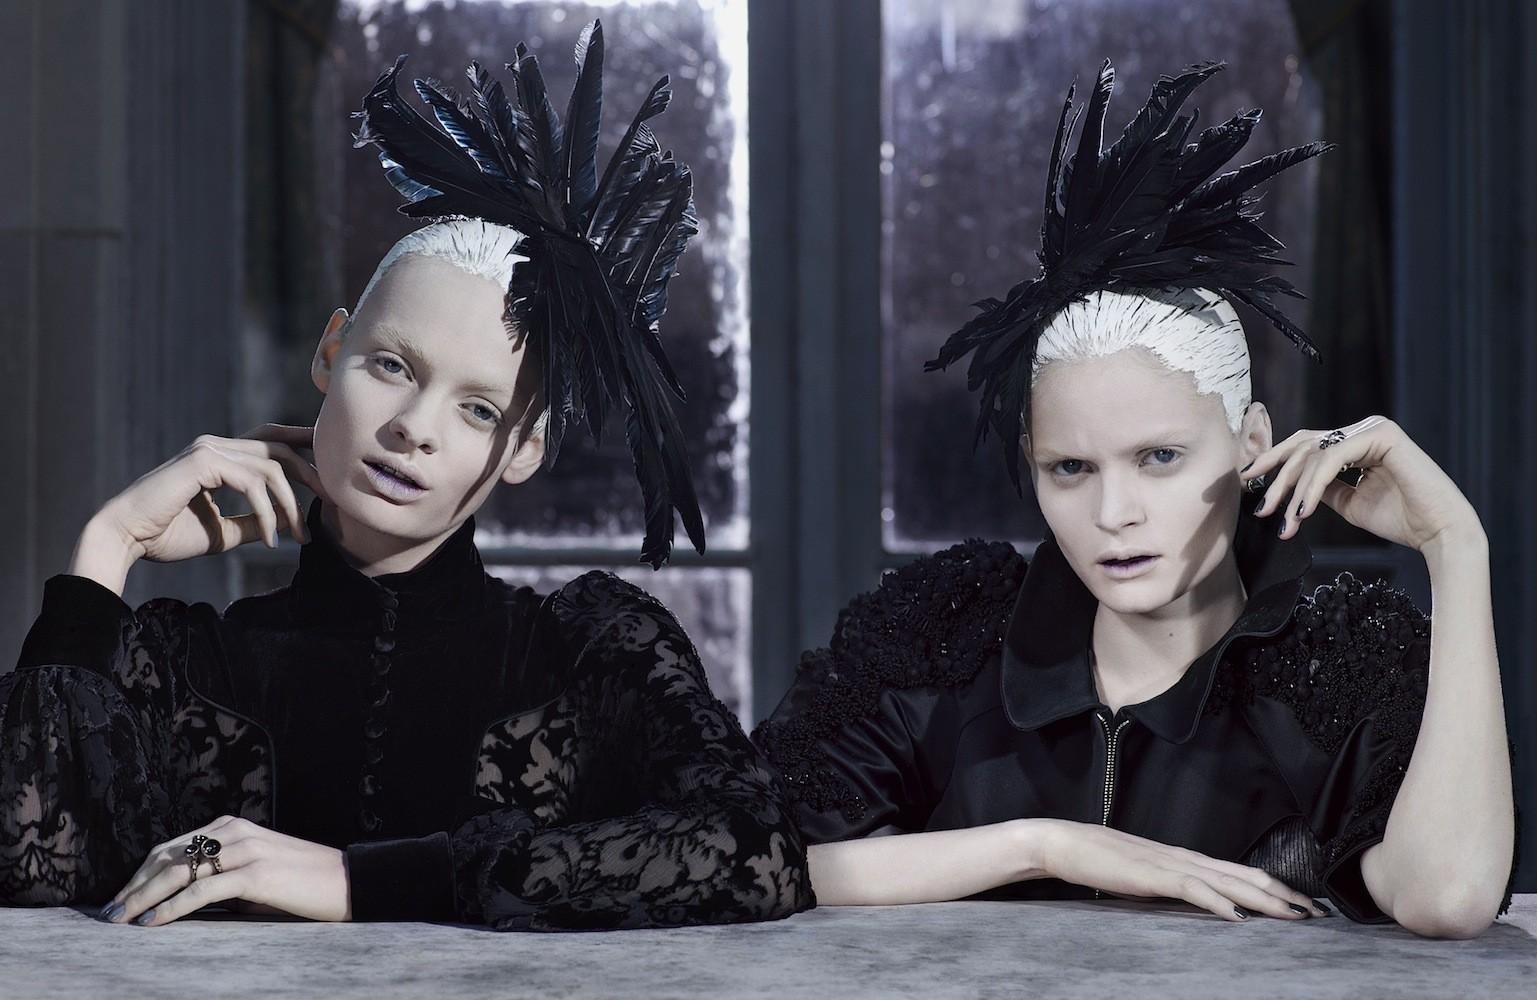 http://1.bp.blogspot.com/-4qmsfd-5Bu0/UN9dPxe49wI/AAAAAAAAOzs/G-G929JYuZQ/s1600/segal-interview-fashiontography-04.jpg